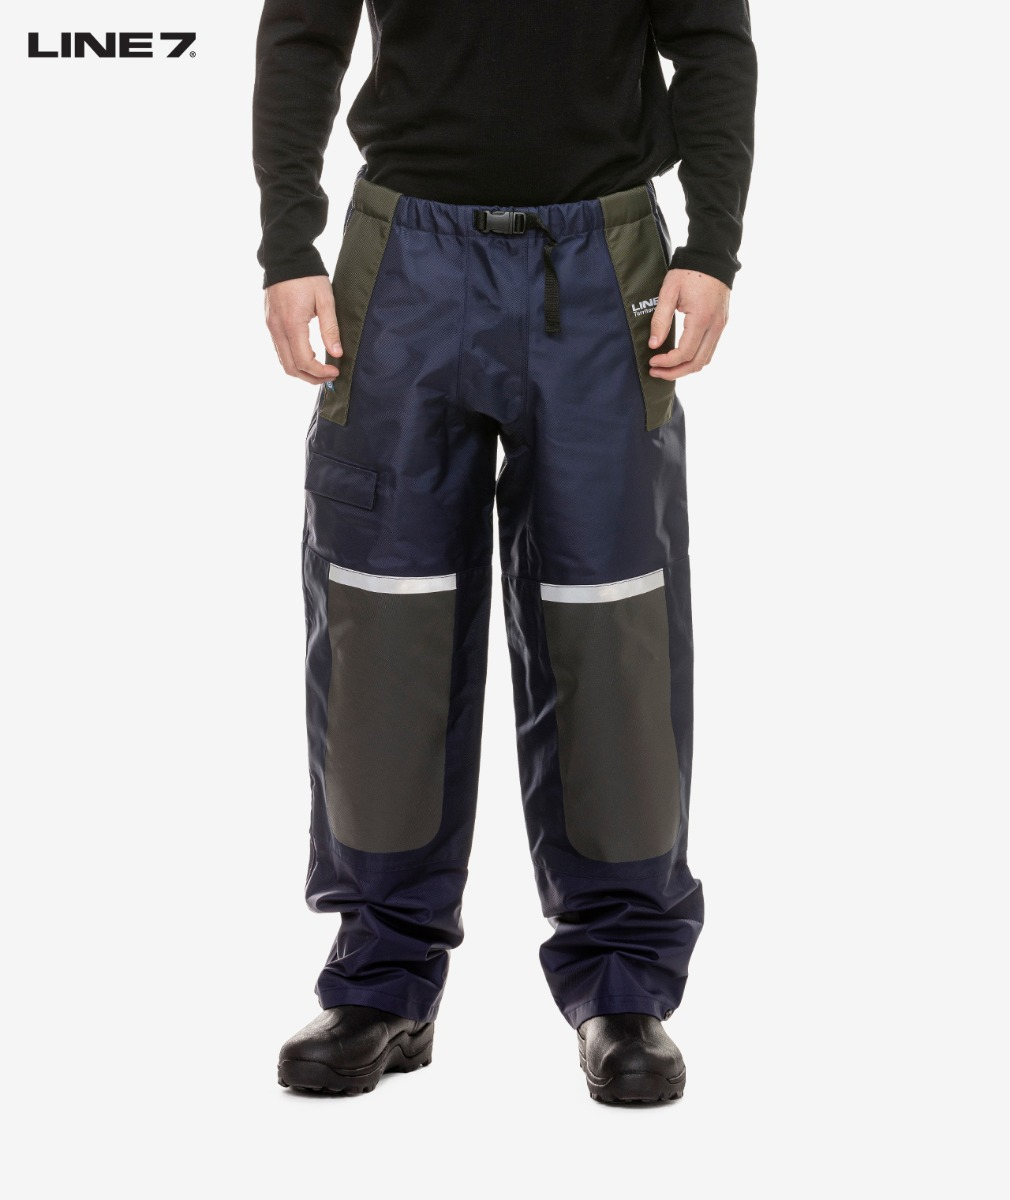 Line 7 Men's Territory Waterproof Over Trouser